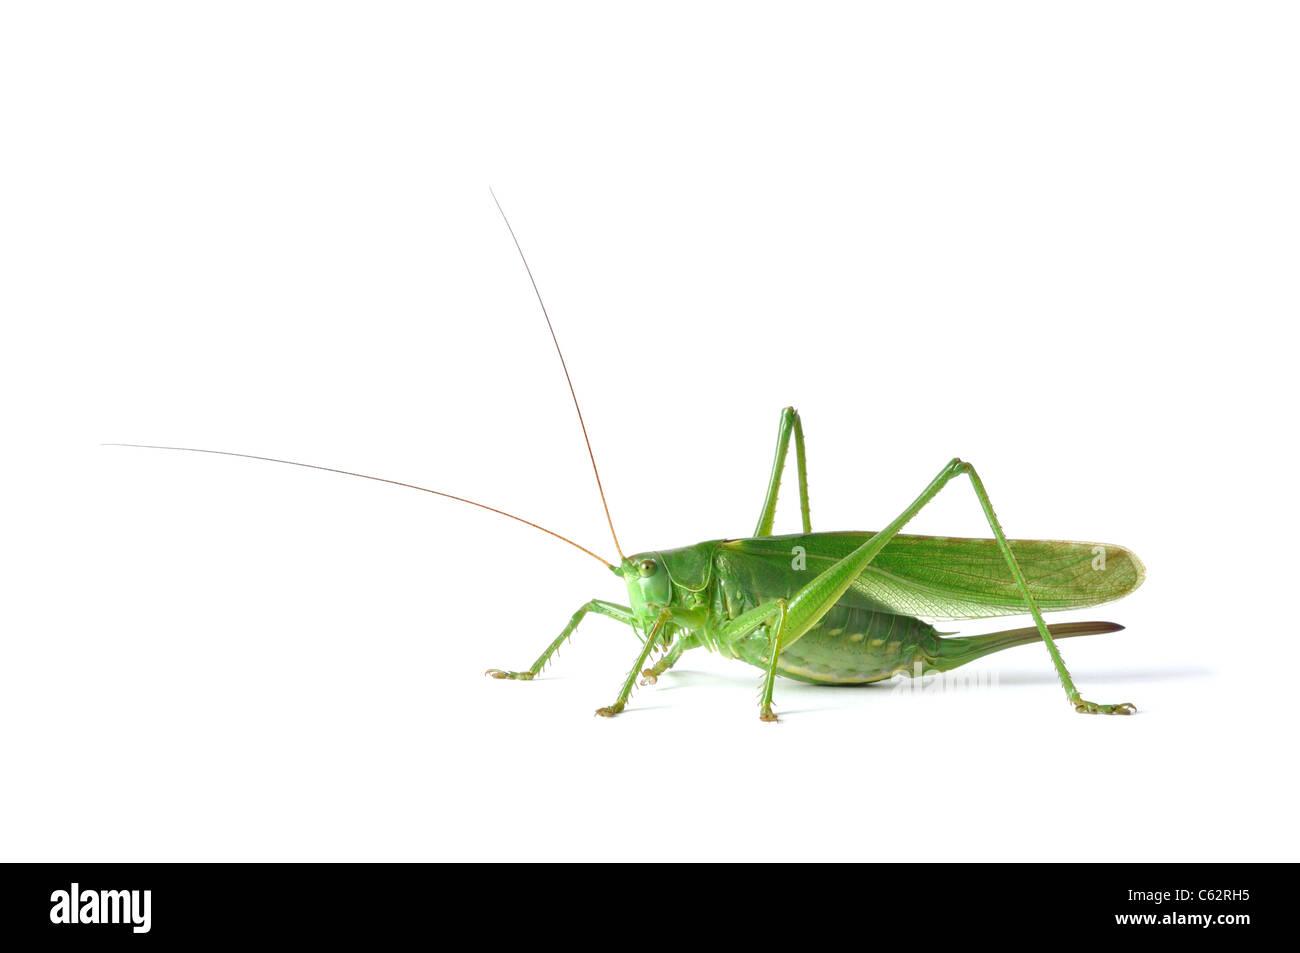 Grasshopper Photo Stock